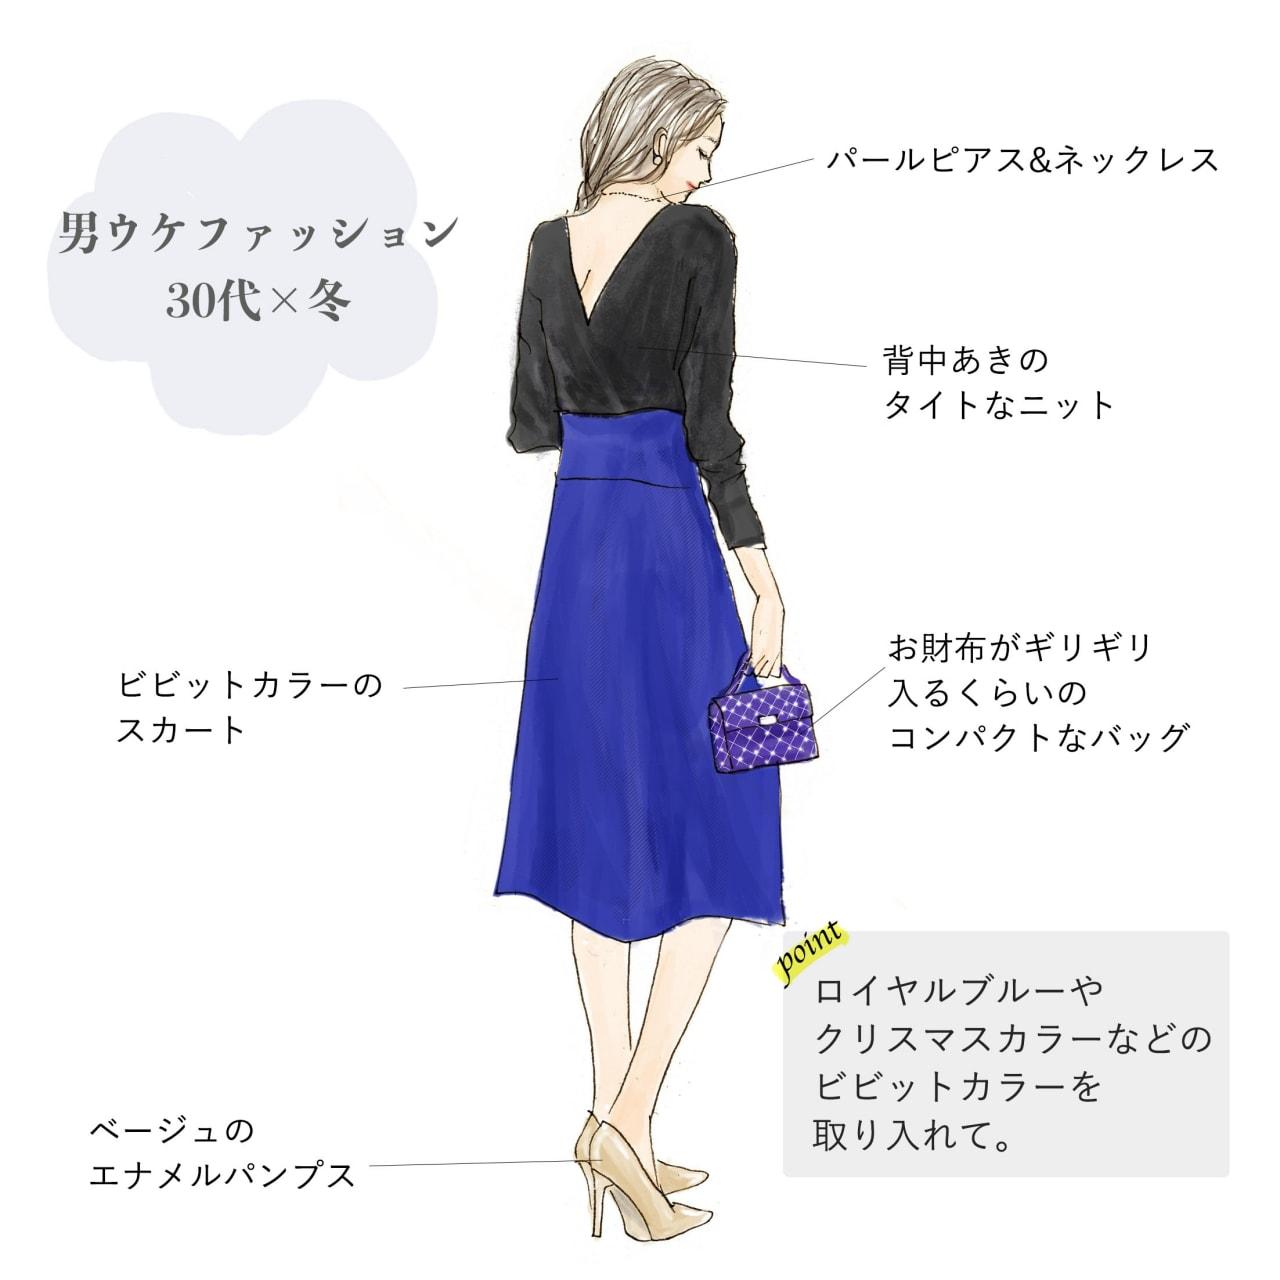 男ウケファッション 30代×冬